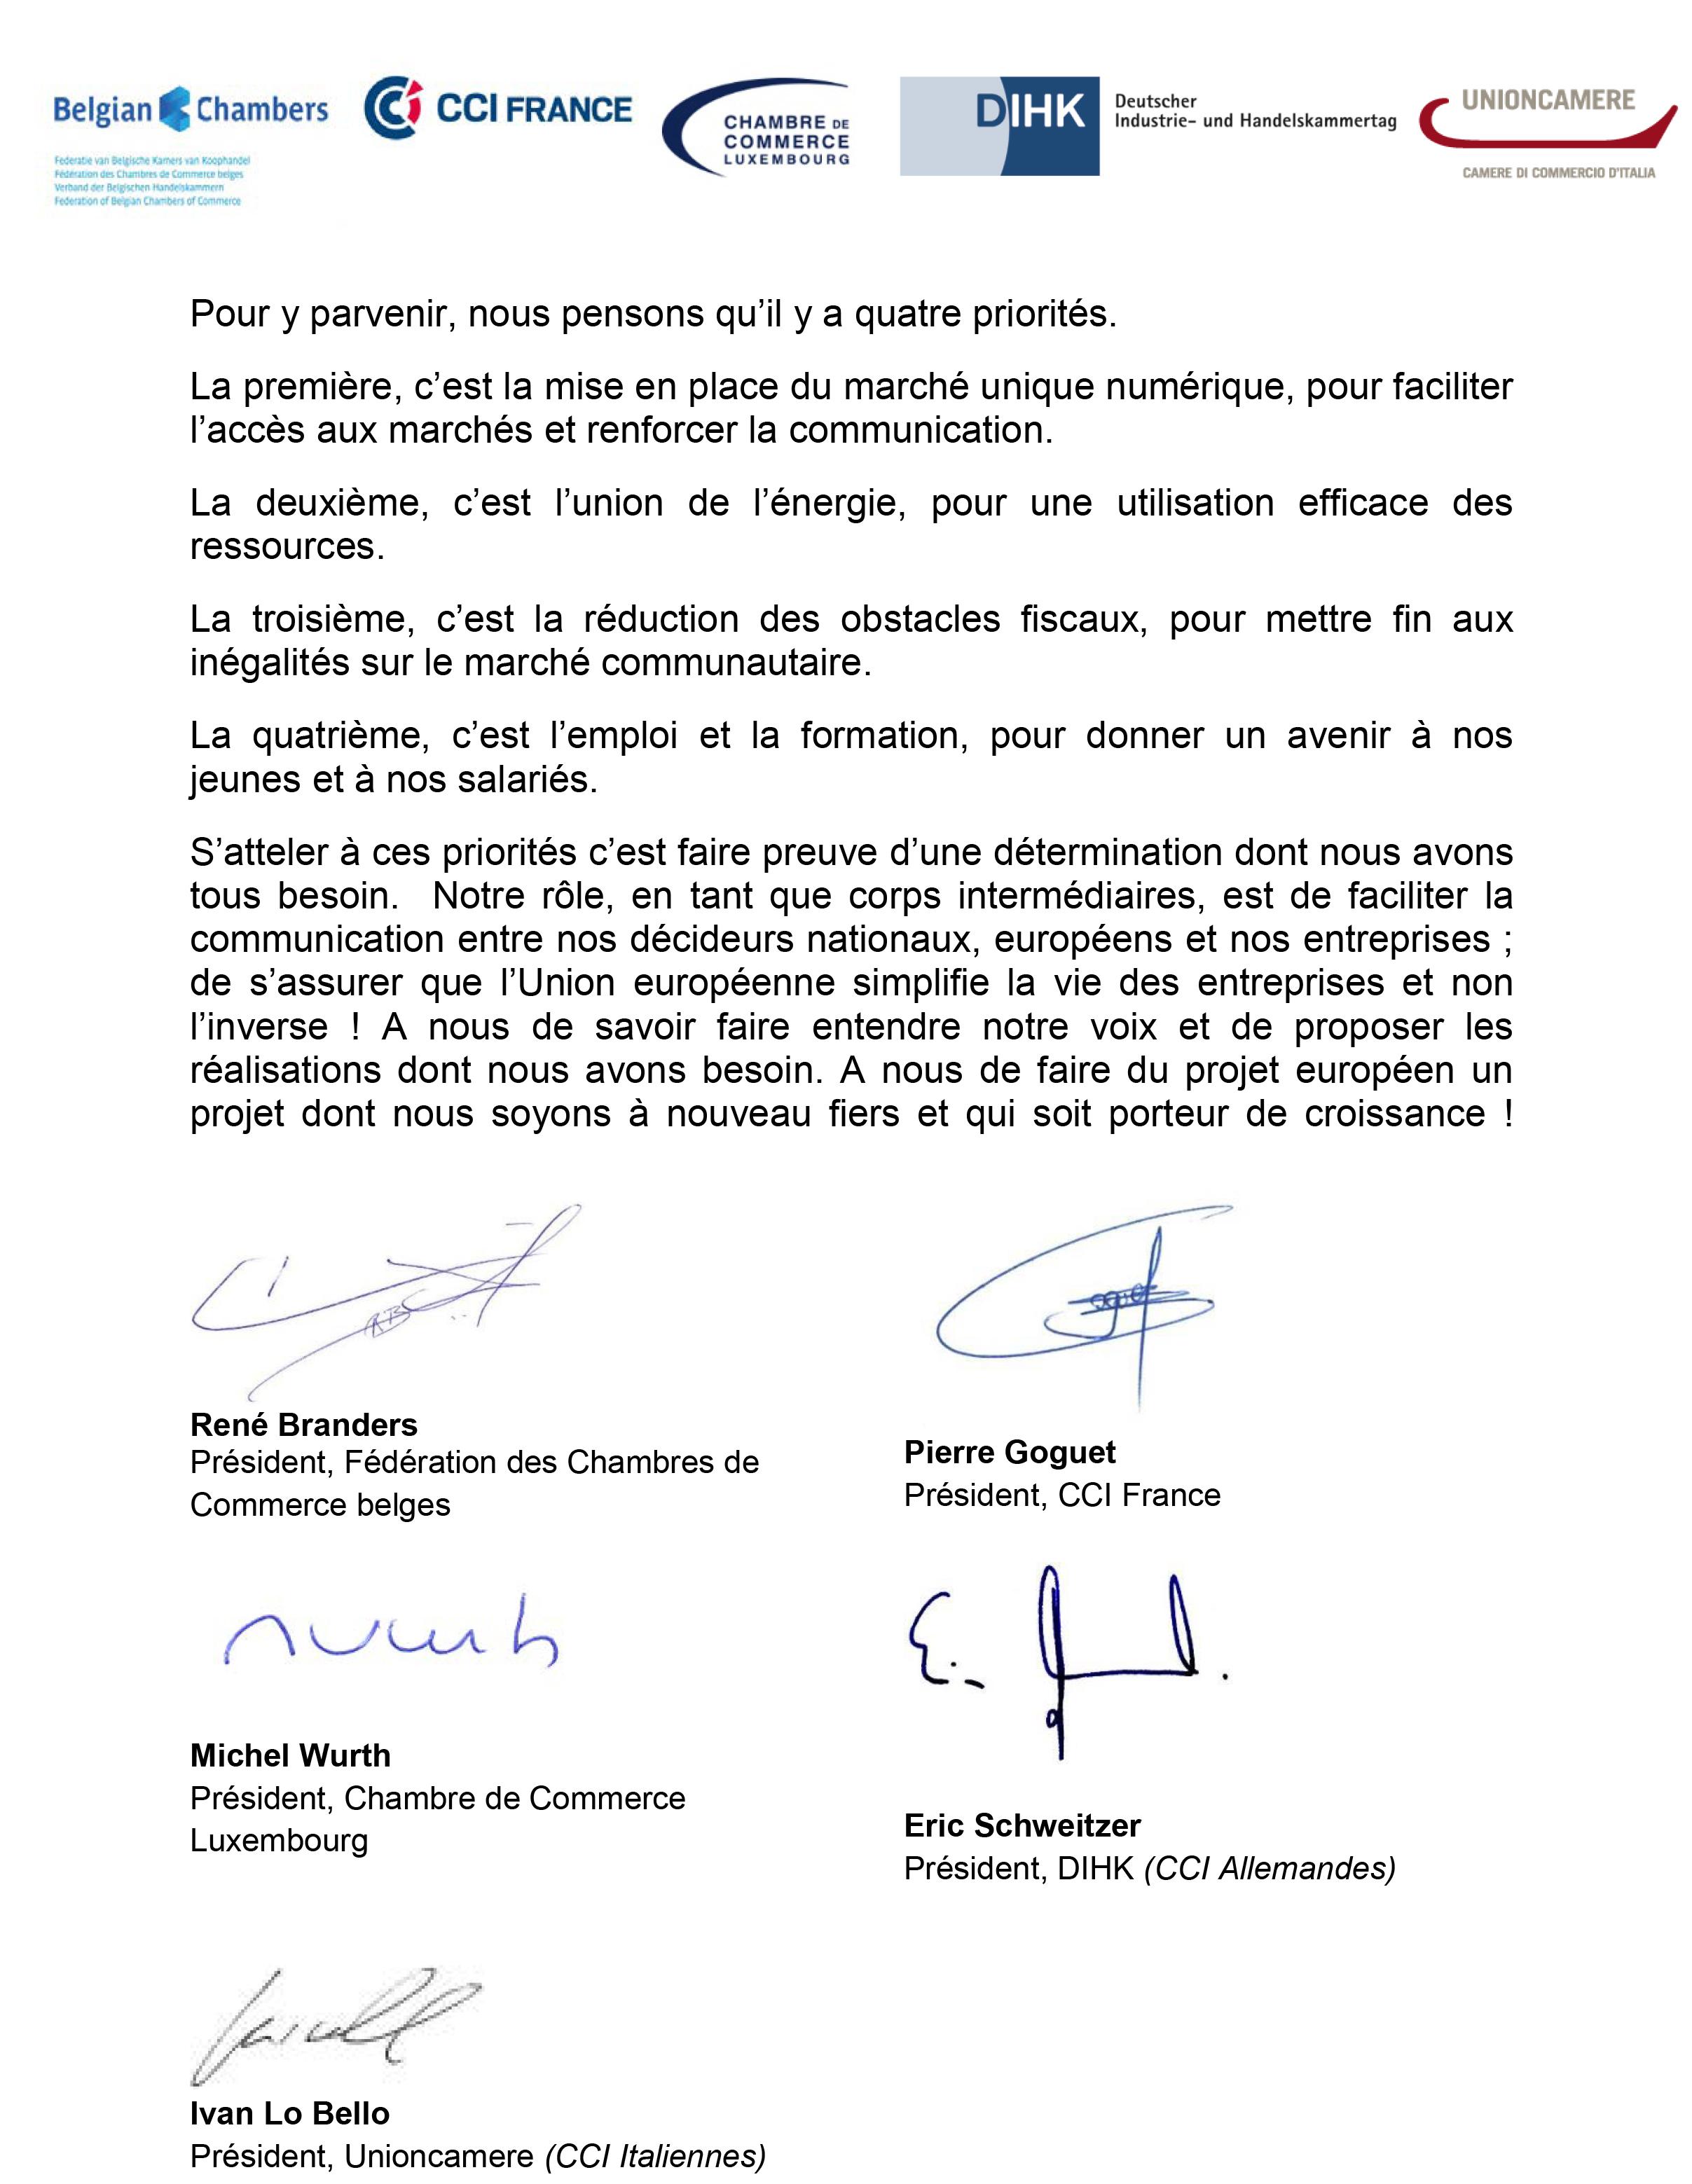 60 ème anniversaire des Traités de Rome final version - signe-2